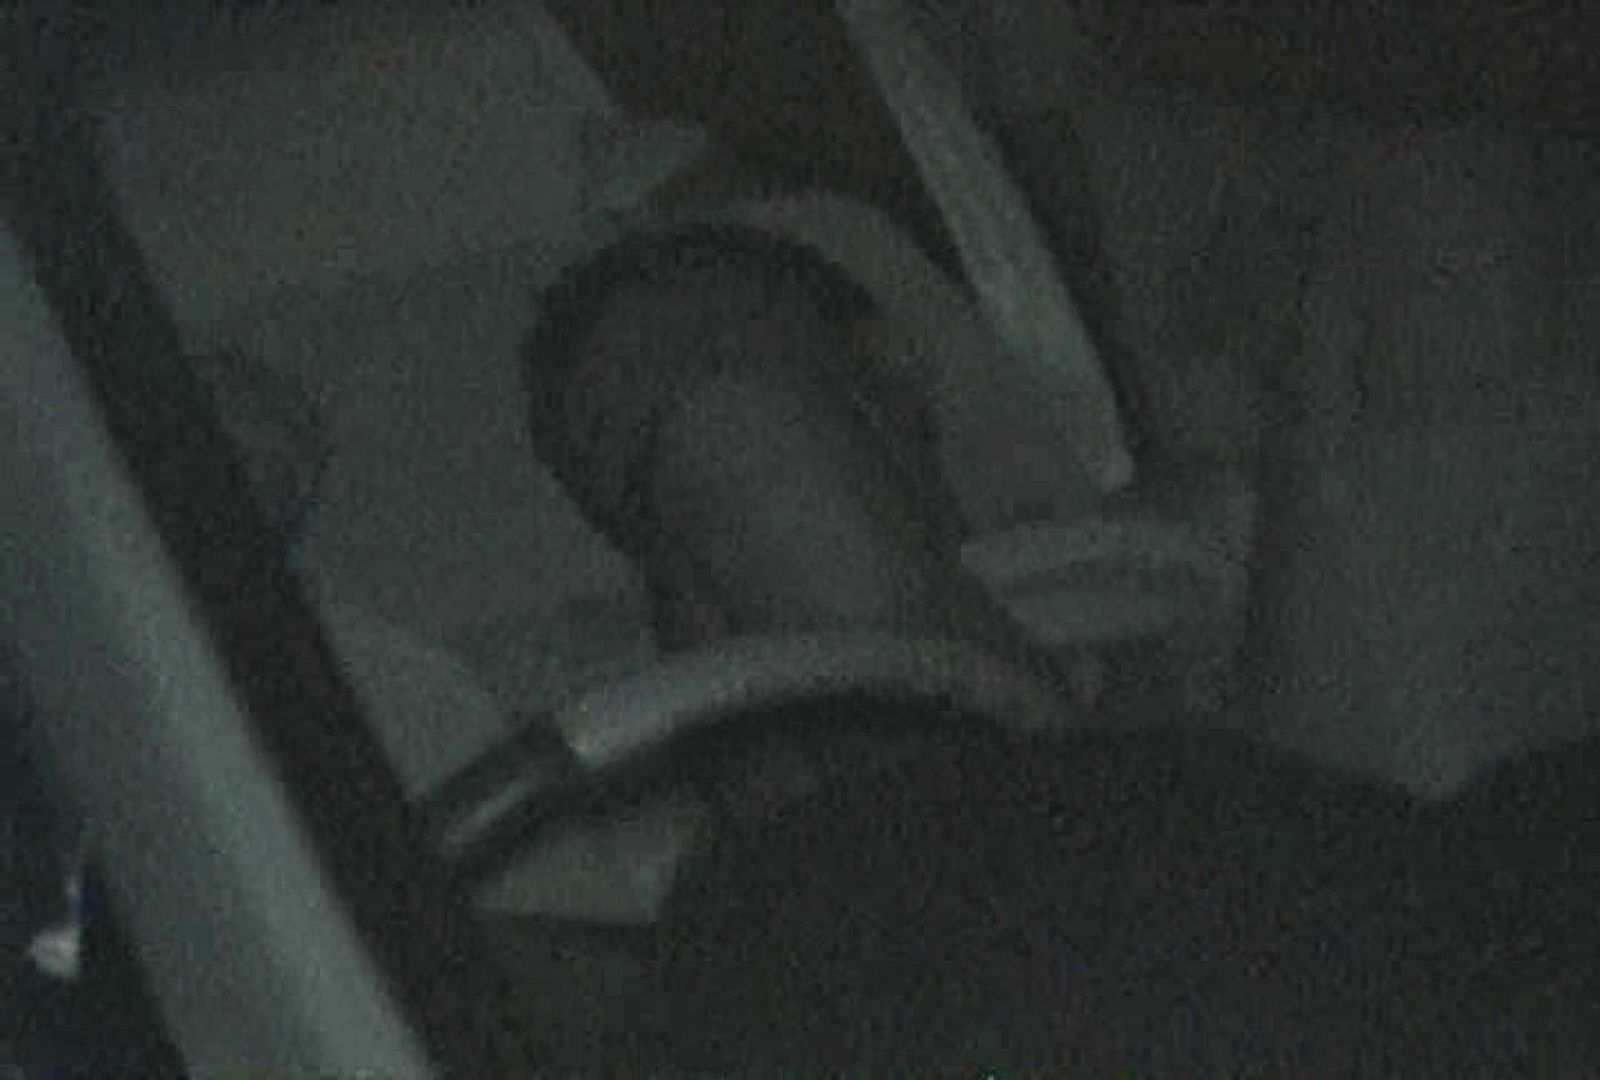 充血監督の深夜の運動会Vol.90 OLセックス 盗撮動画紹介 110画像 72